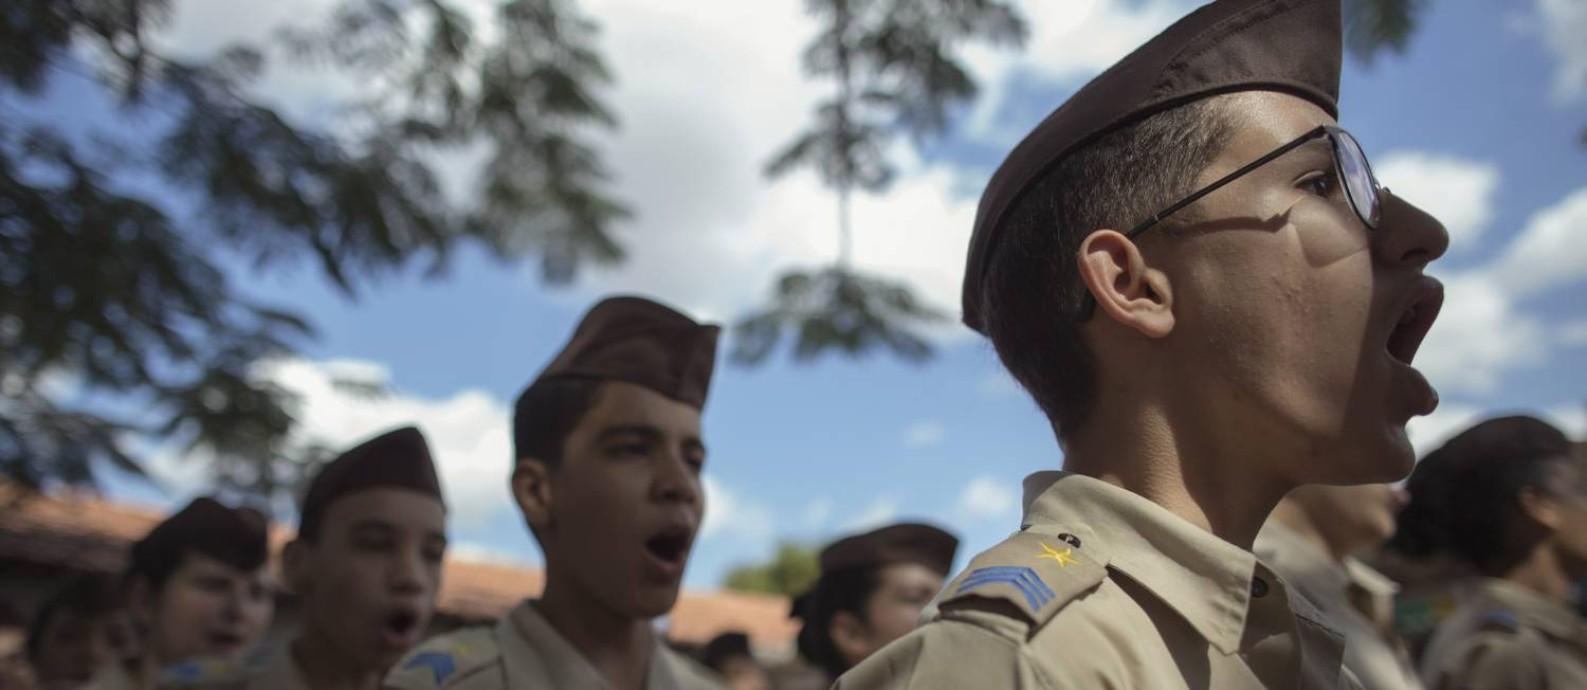 O dia nos colégios geridos pela Polícia Militar começa com gritos de  guerra 0087ba3558be9